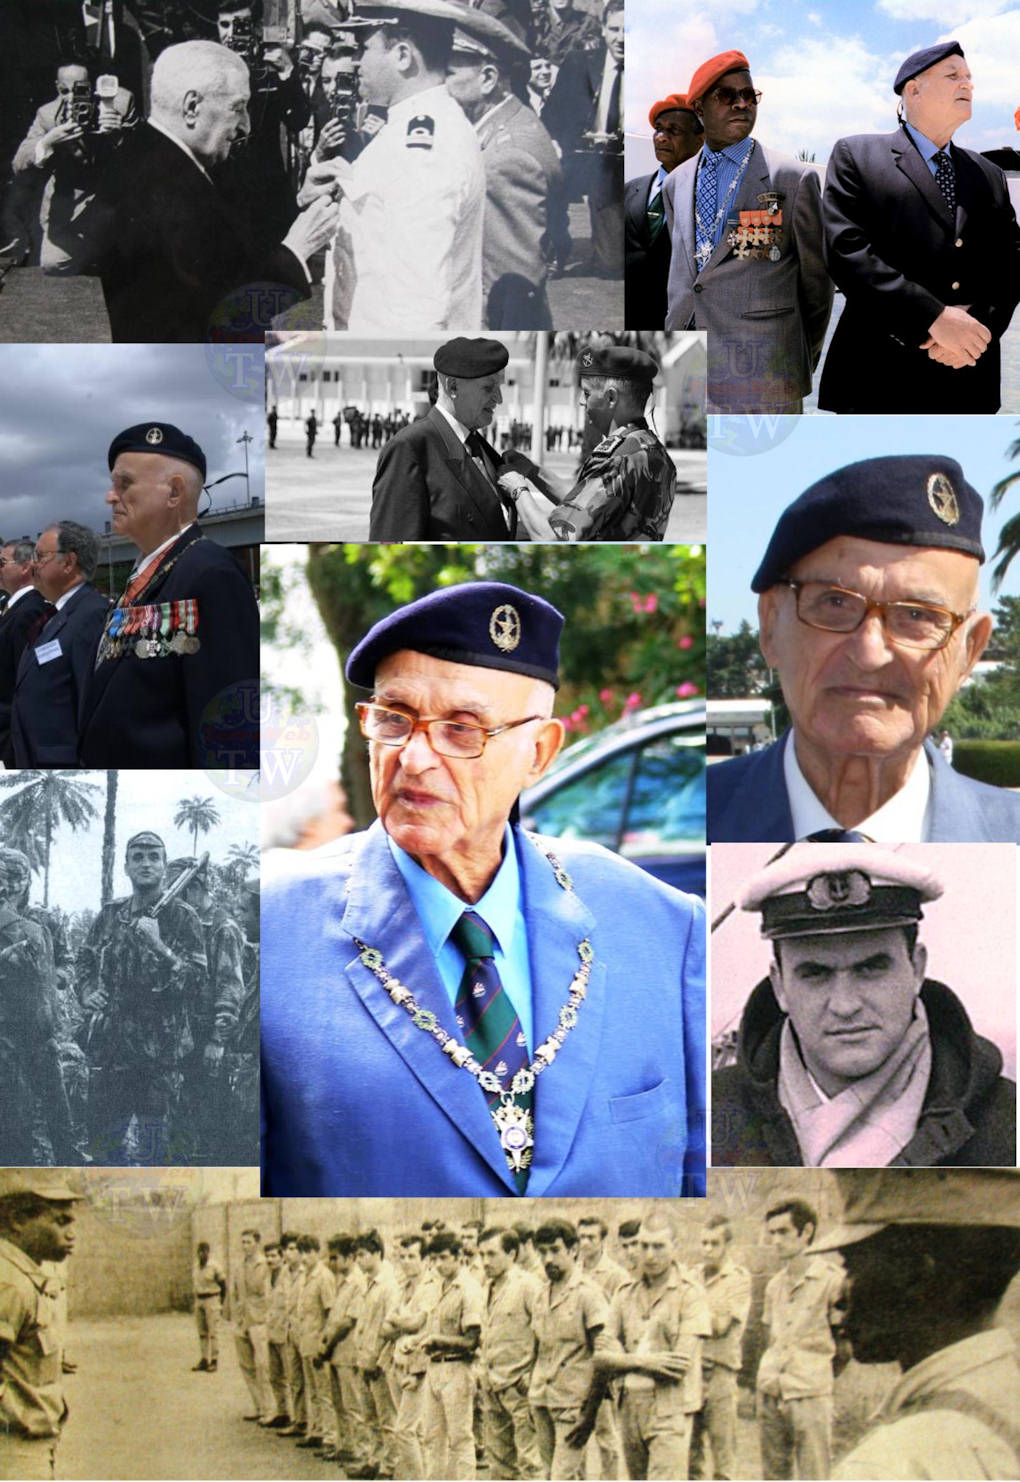 Faleceu o Comandante Guilherme Almor de Alpom Calvão - 30Set2014 0110